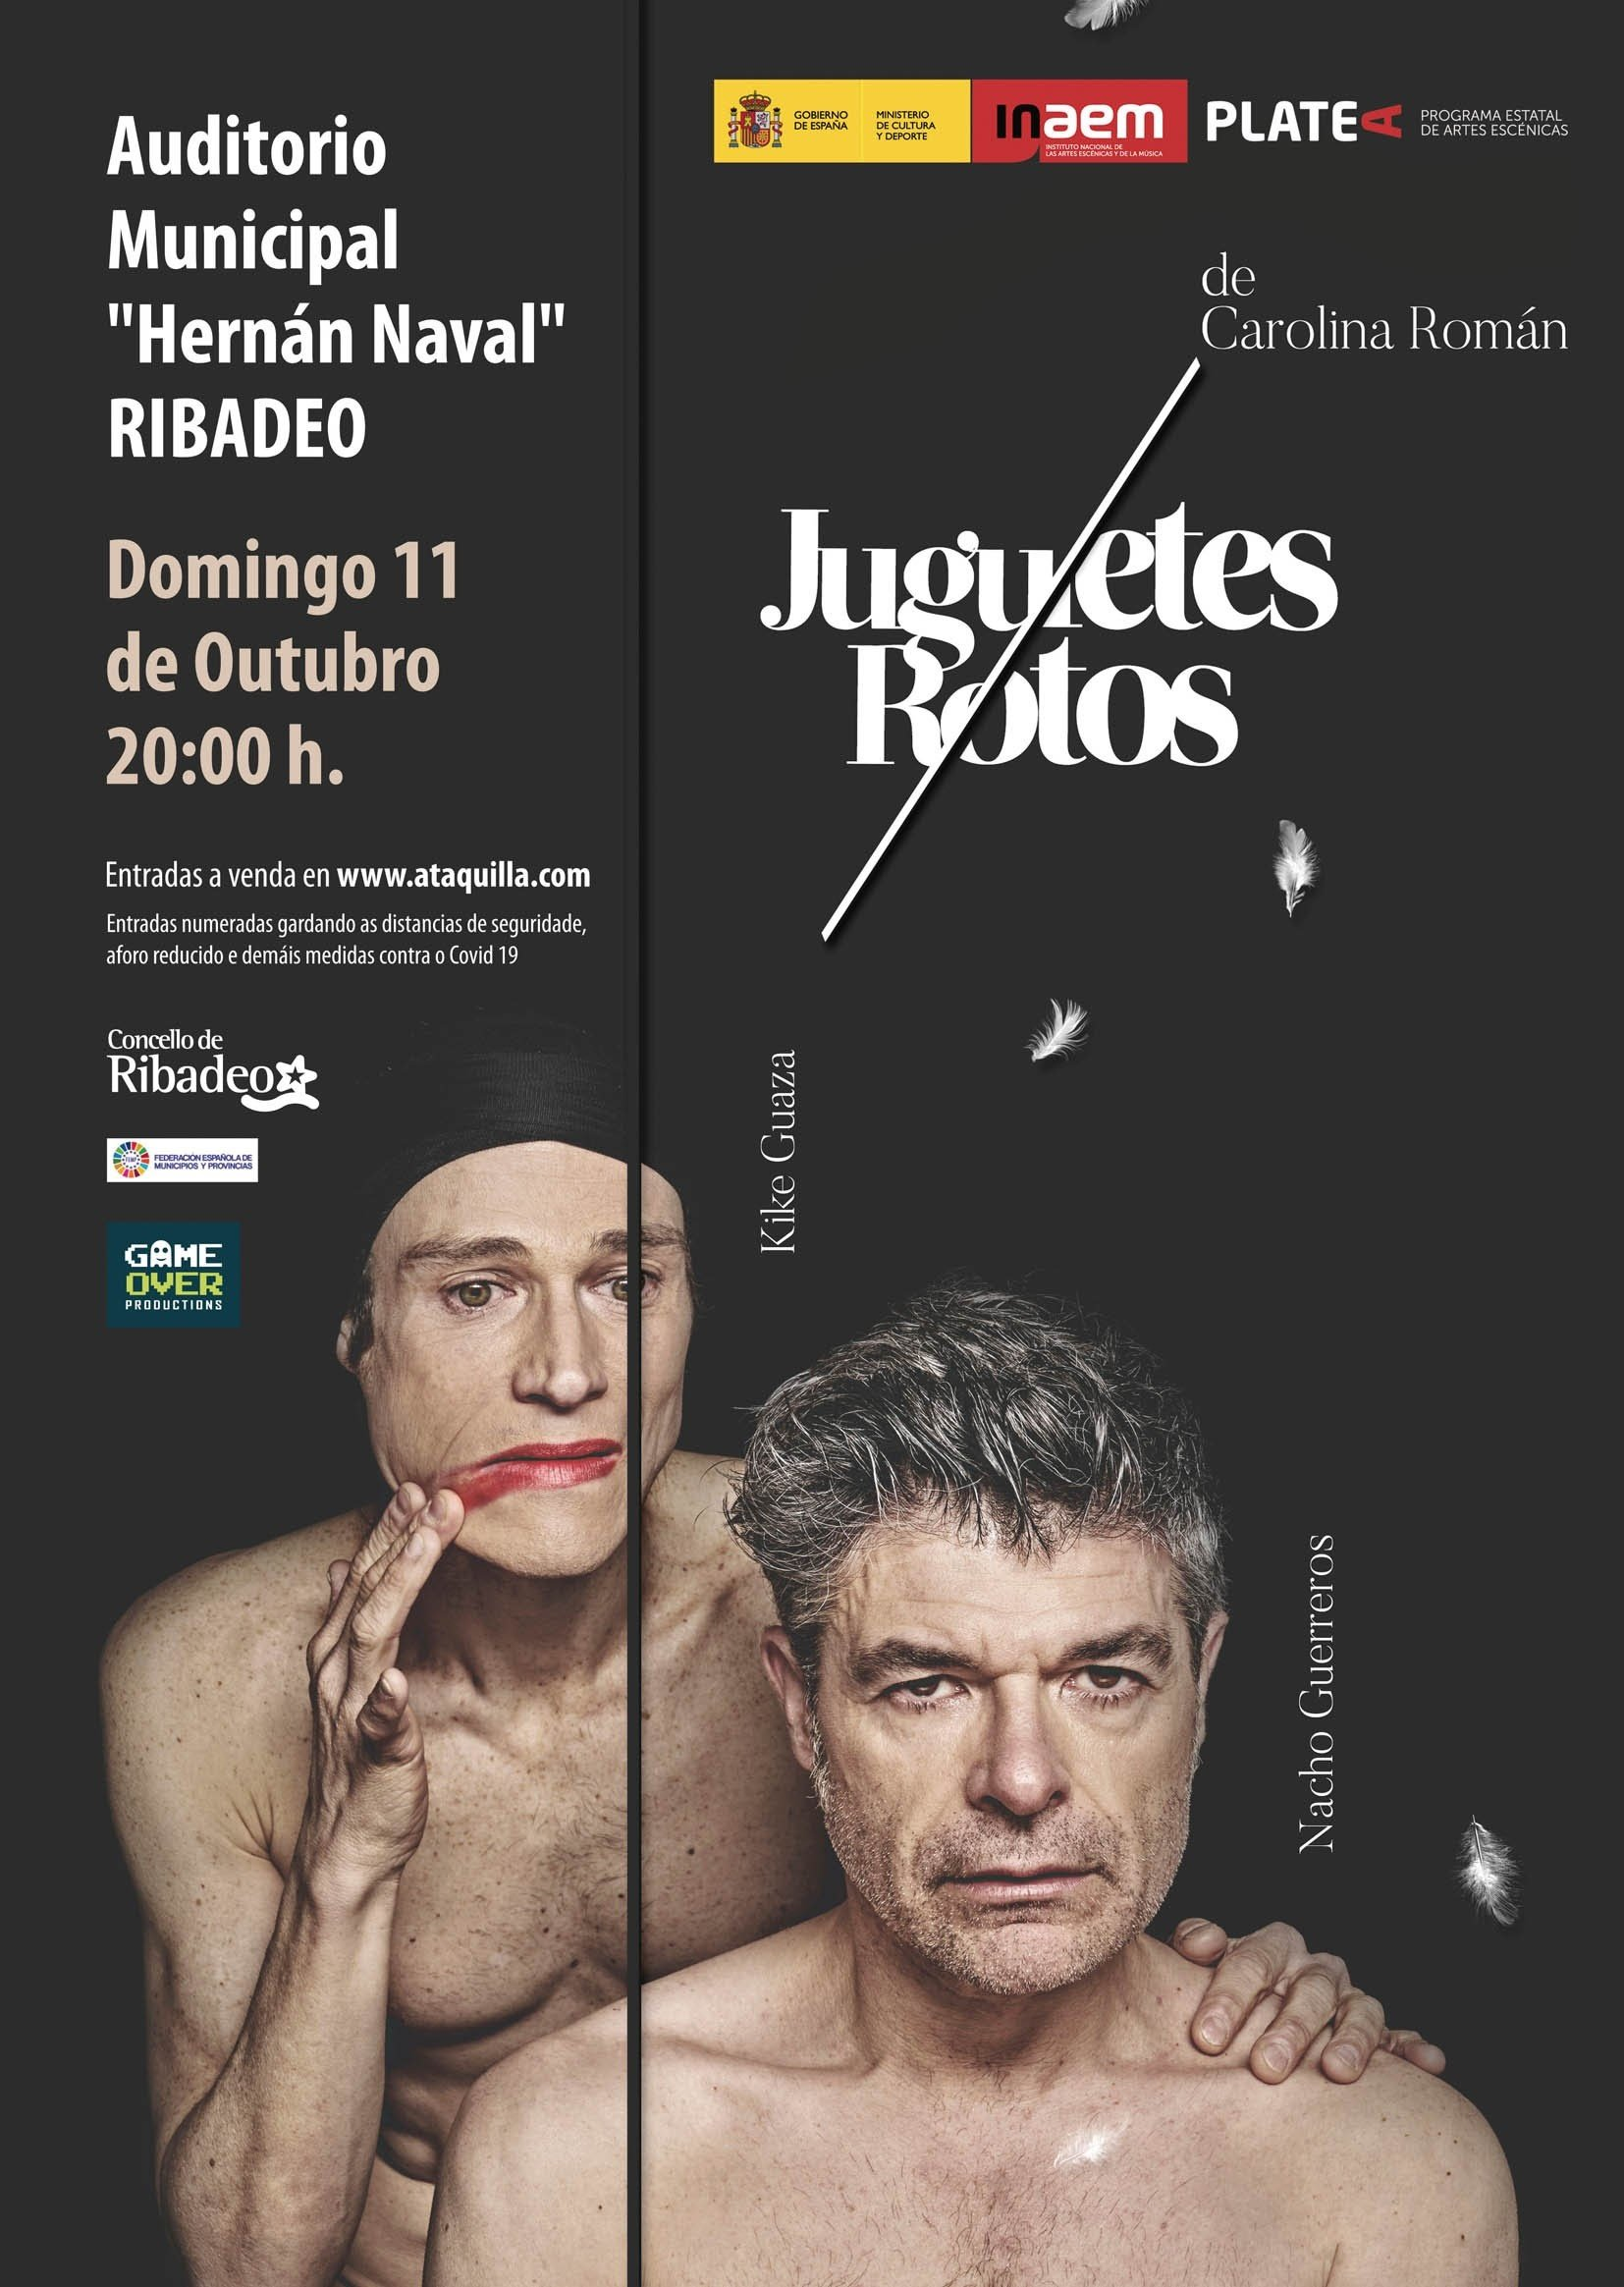 """""""Juguetes Rotos"""" llega al Auditorio de Ribadeo este domingo, 11 de octubre"""